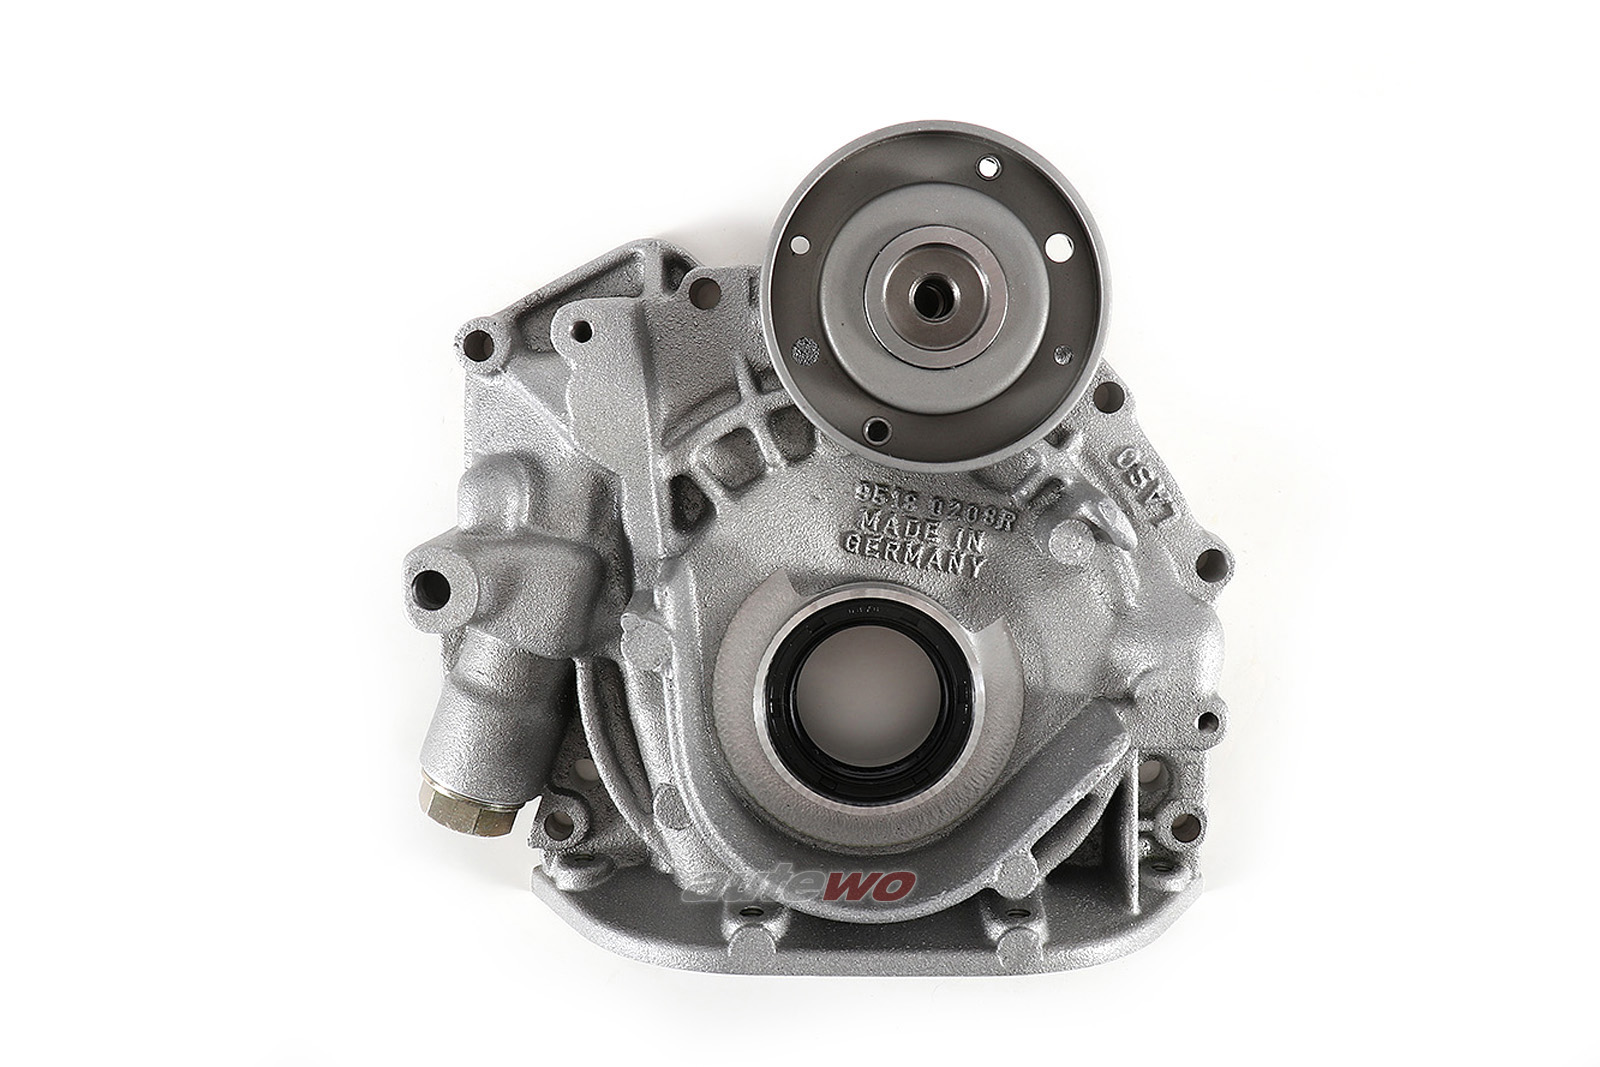 Laso Ölpumpe Audi/VW 80/90/Coupe/Urquattro/S2/100/200 entspricht 034115105A/B/C